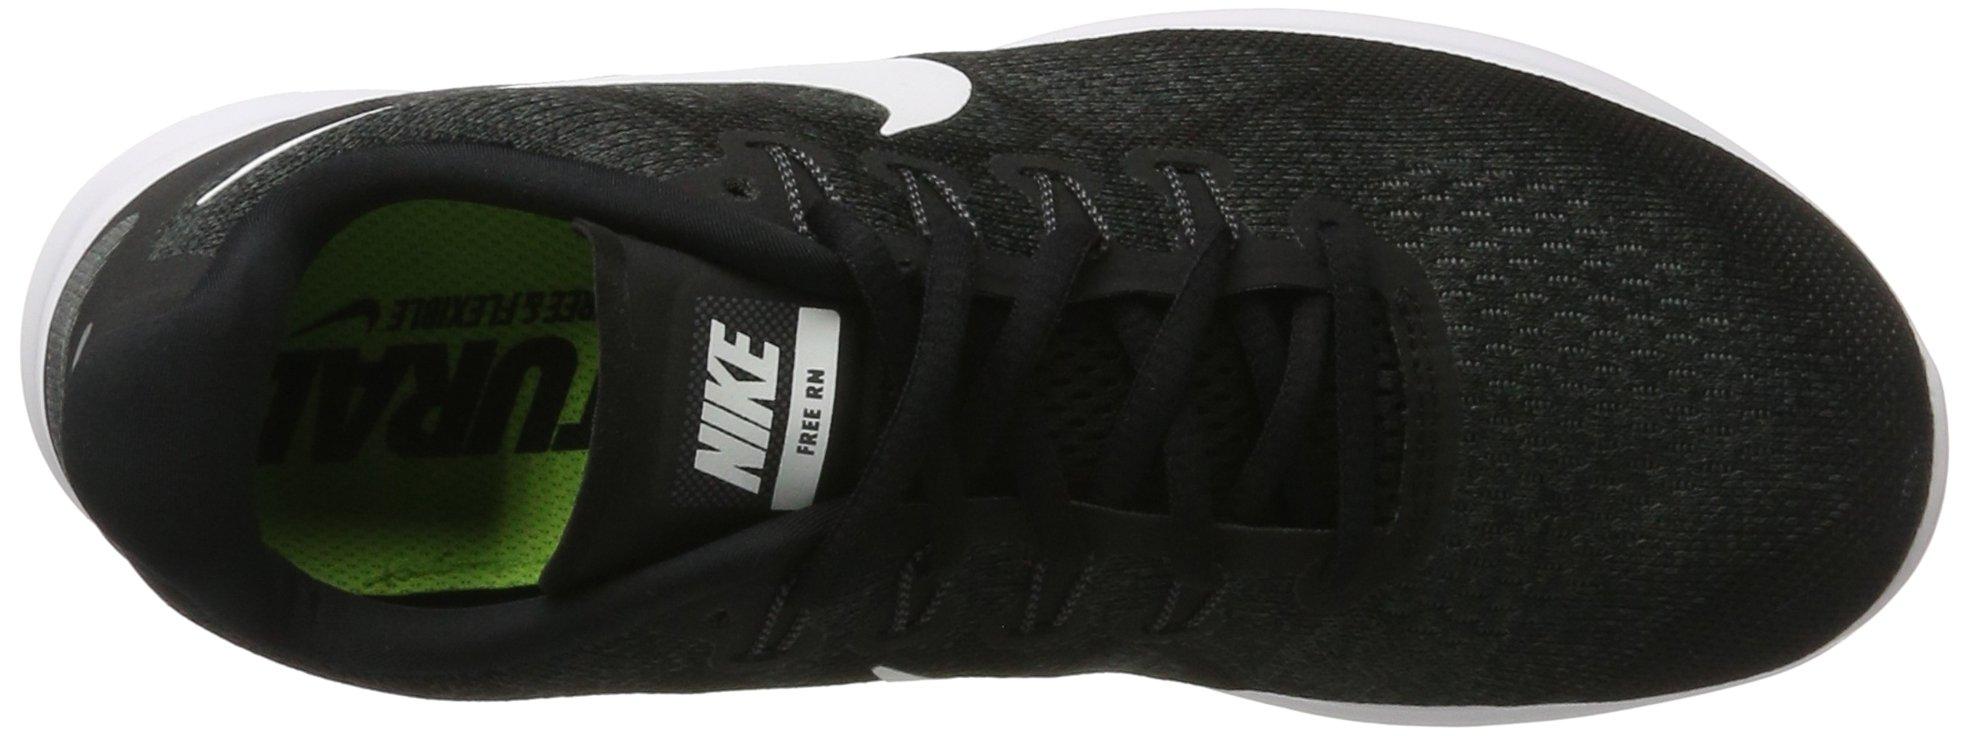 Nike Men's Free RN 2017 Running Shoe Black/White/Dark Grey/Anthracite Size 7.5 M US by Nike (Image #7)